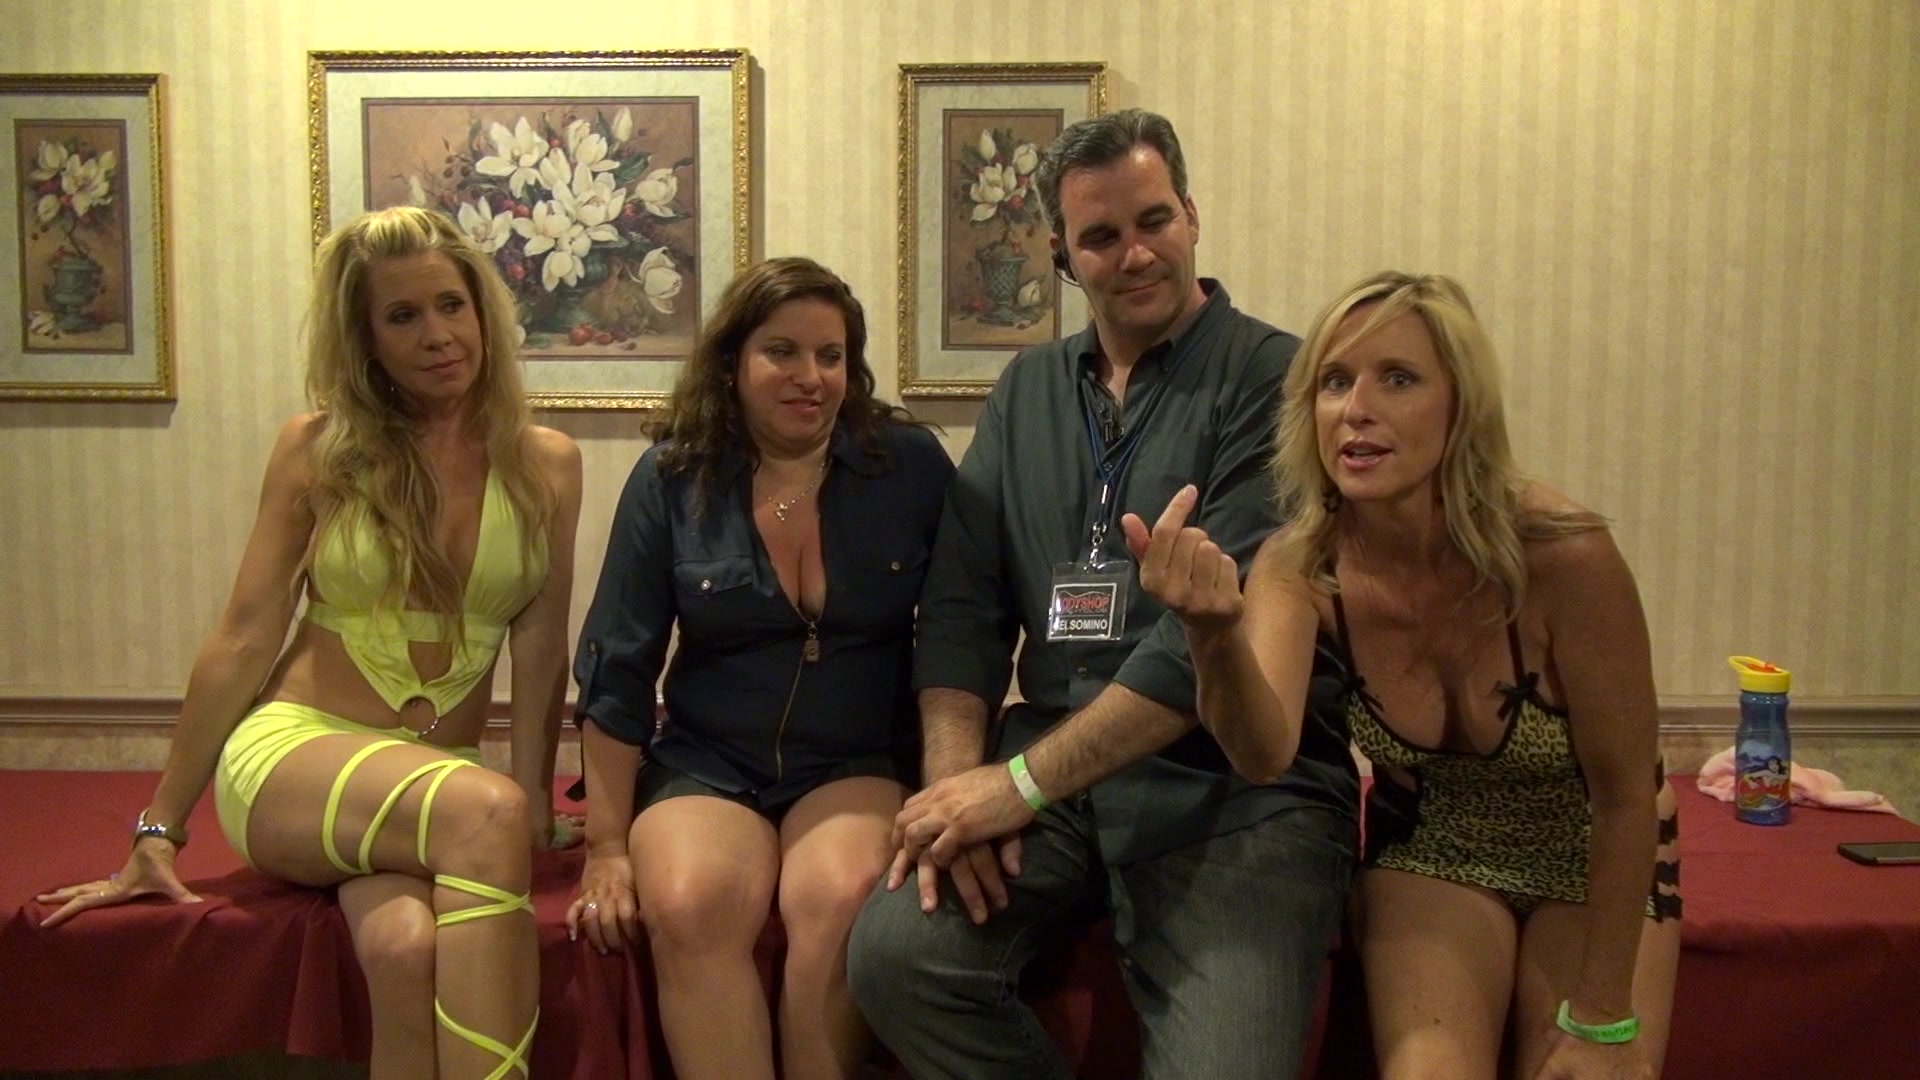 Rate nude amateurs nudist